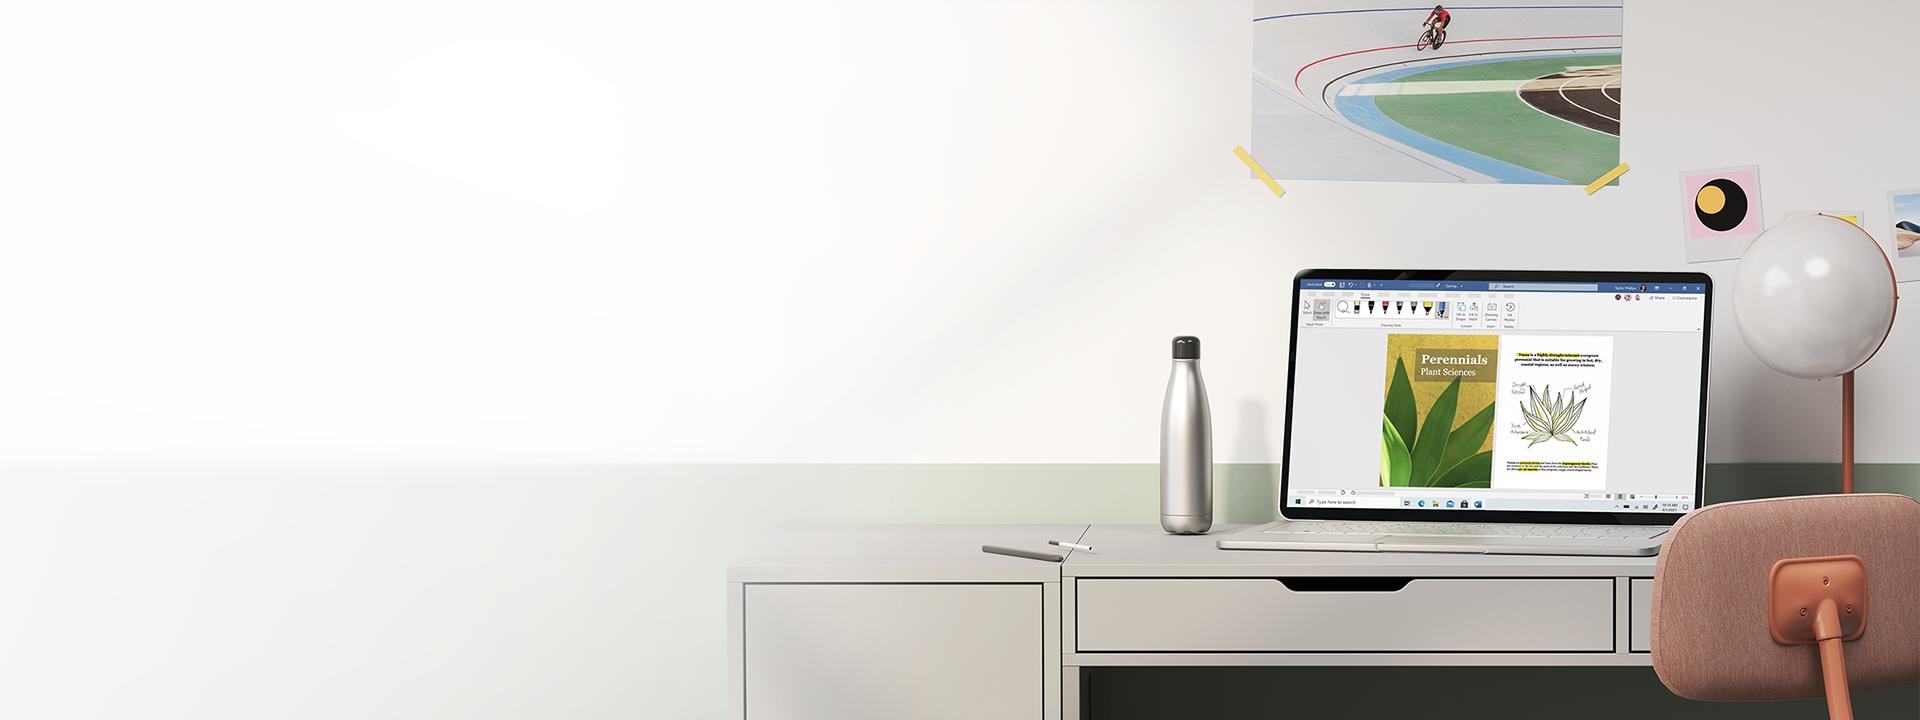 Windows10 klēpjdators, kas atrodas uz galda